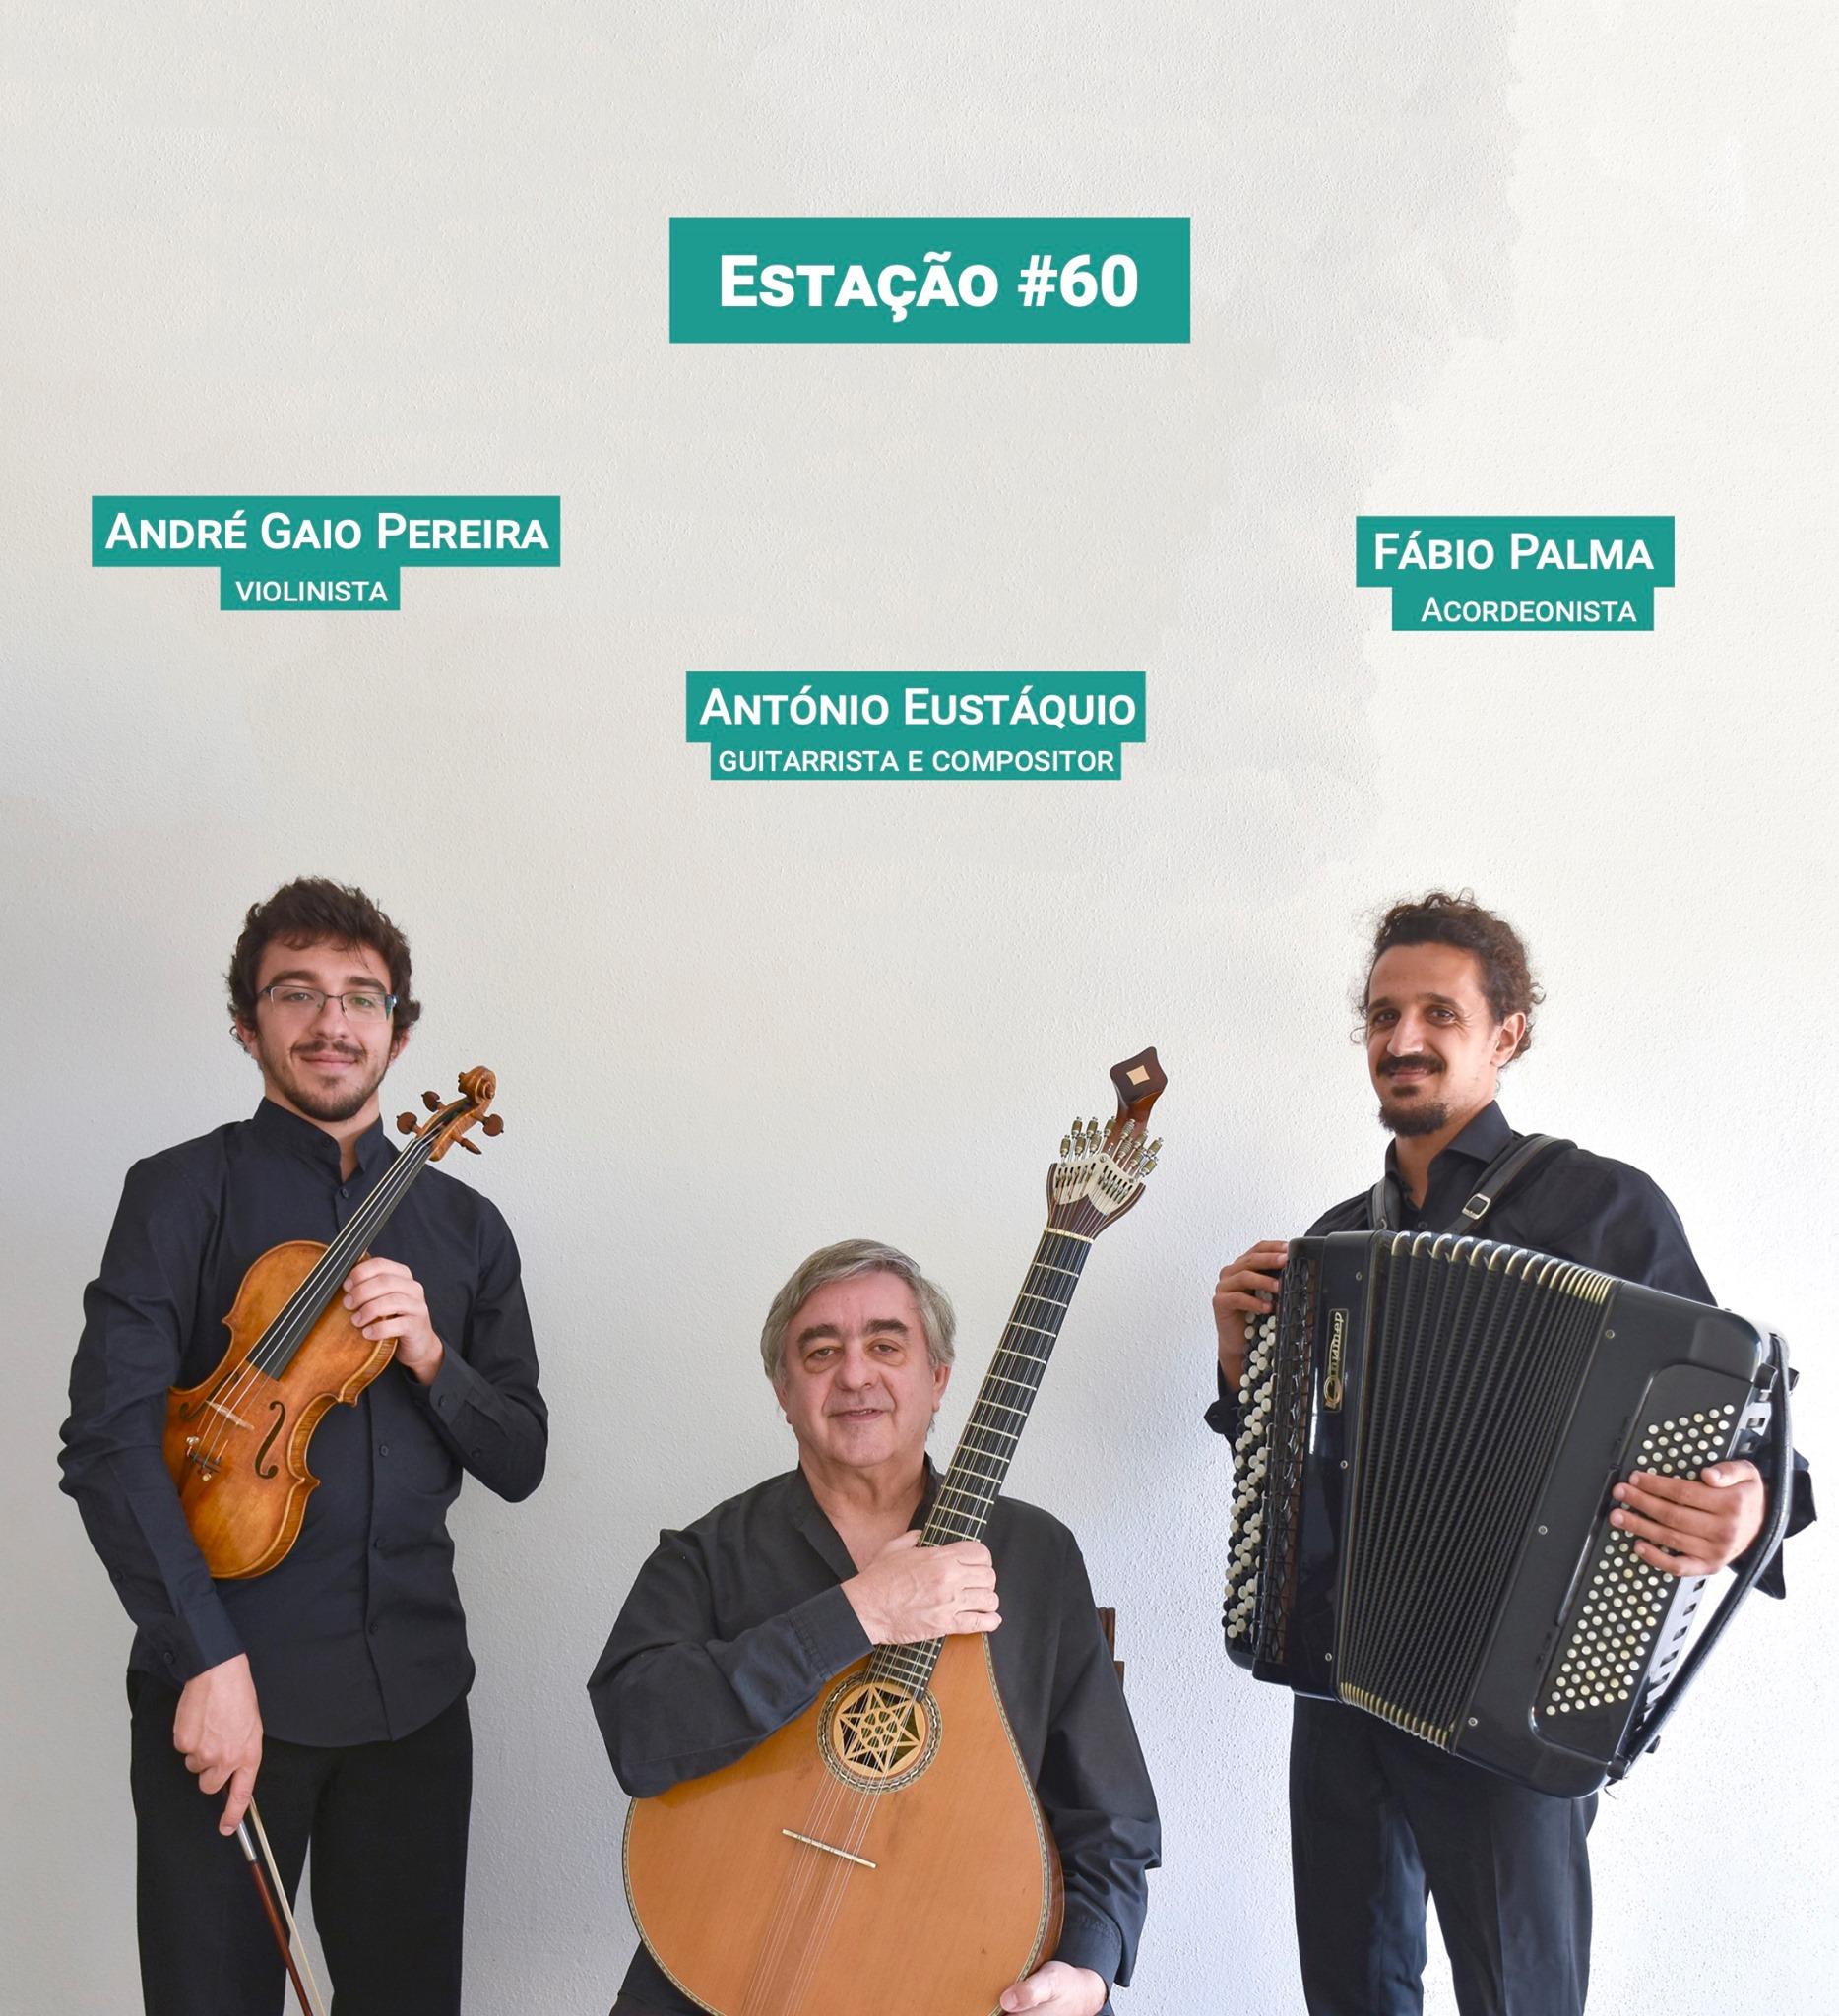 Espetáculo de Música Estação #60